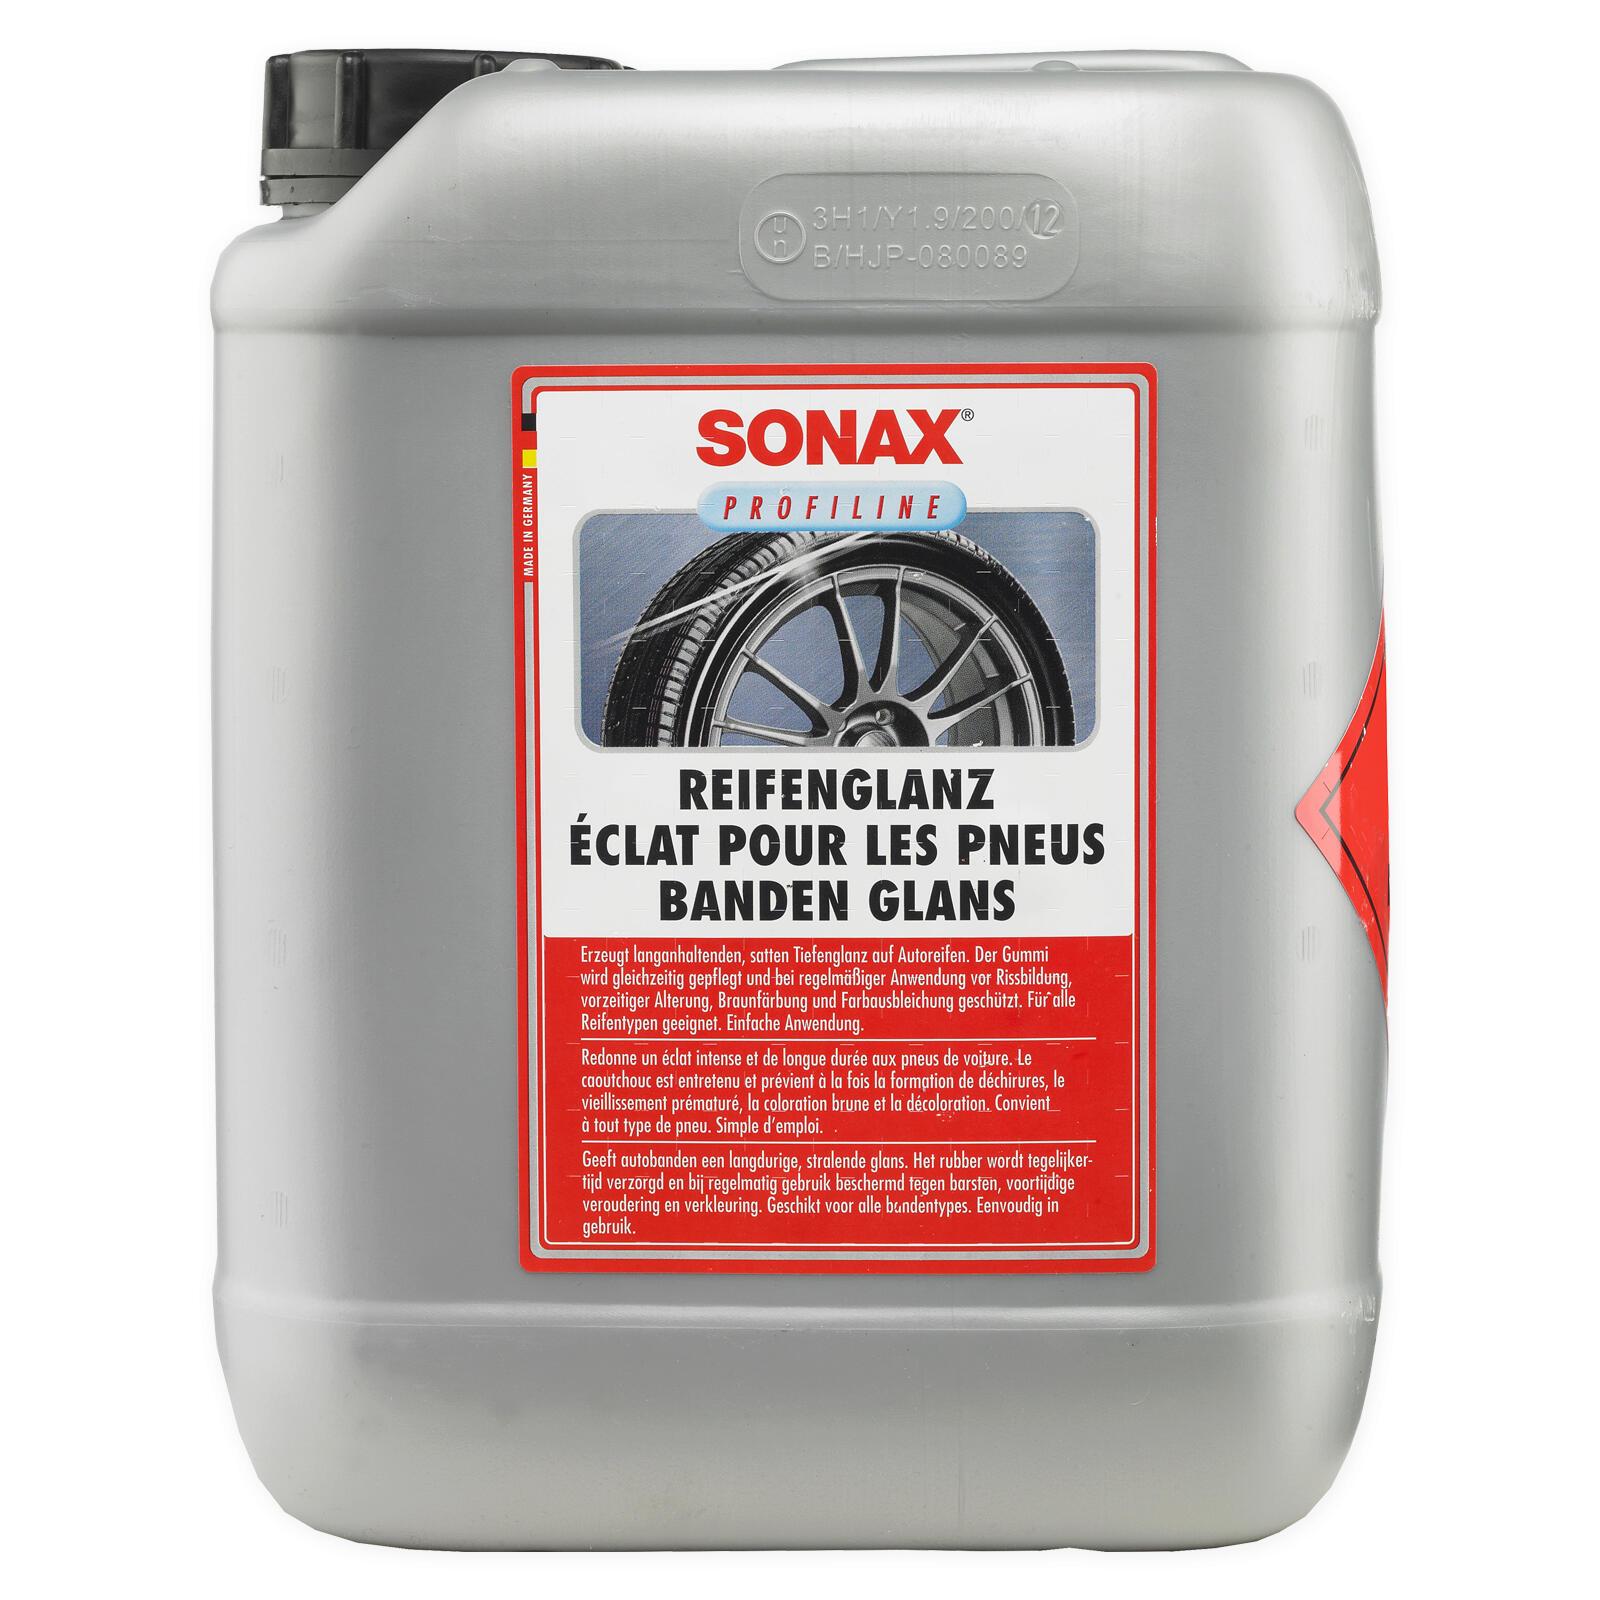 SONAX PROFILINE ReifenGlanz 5l